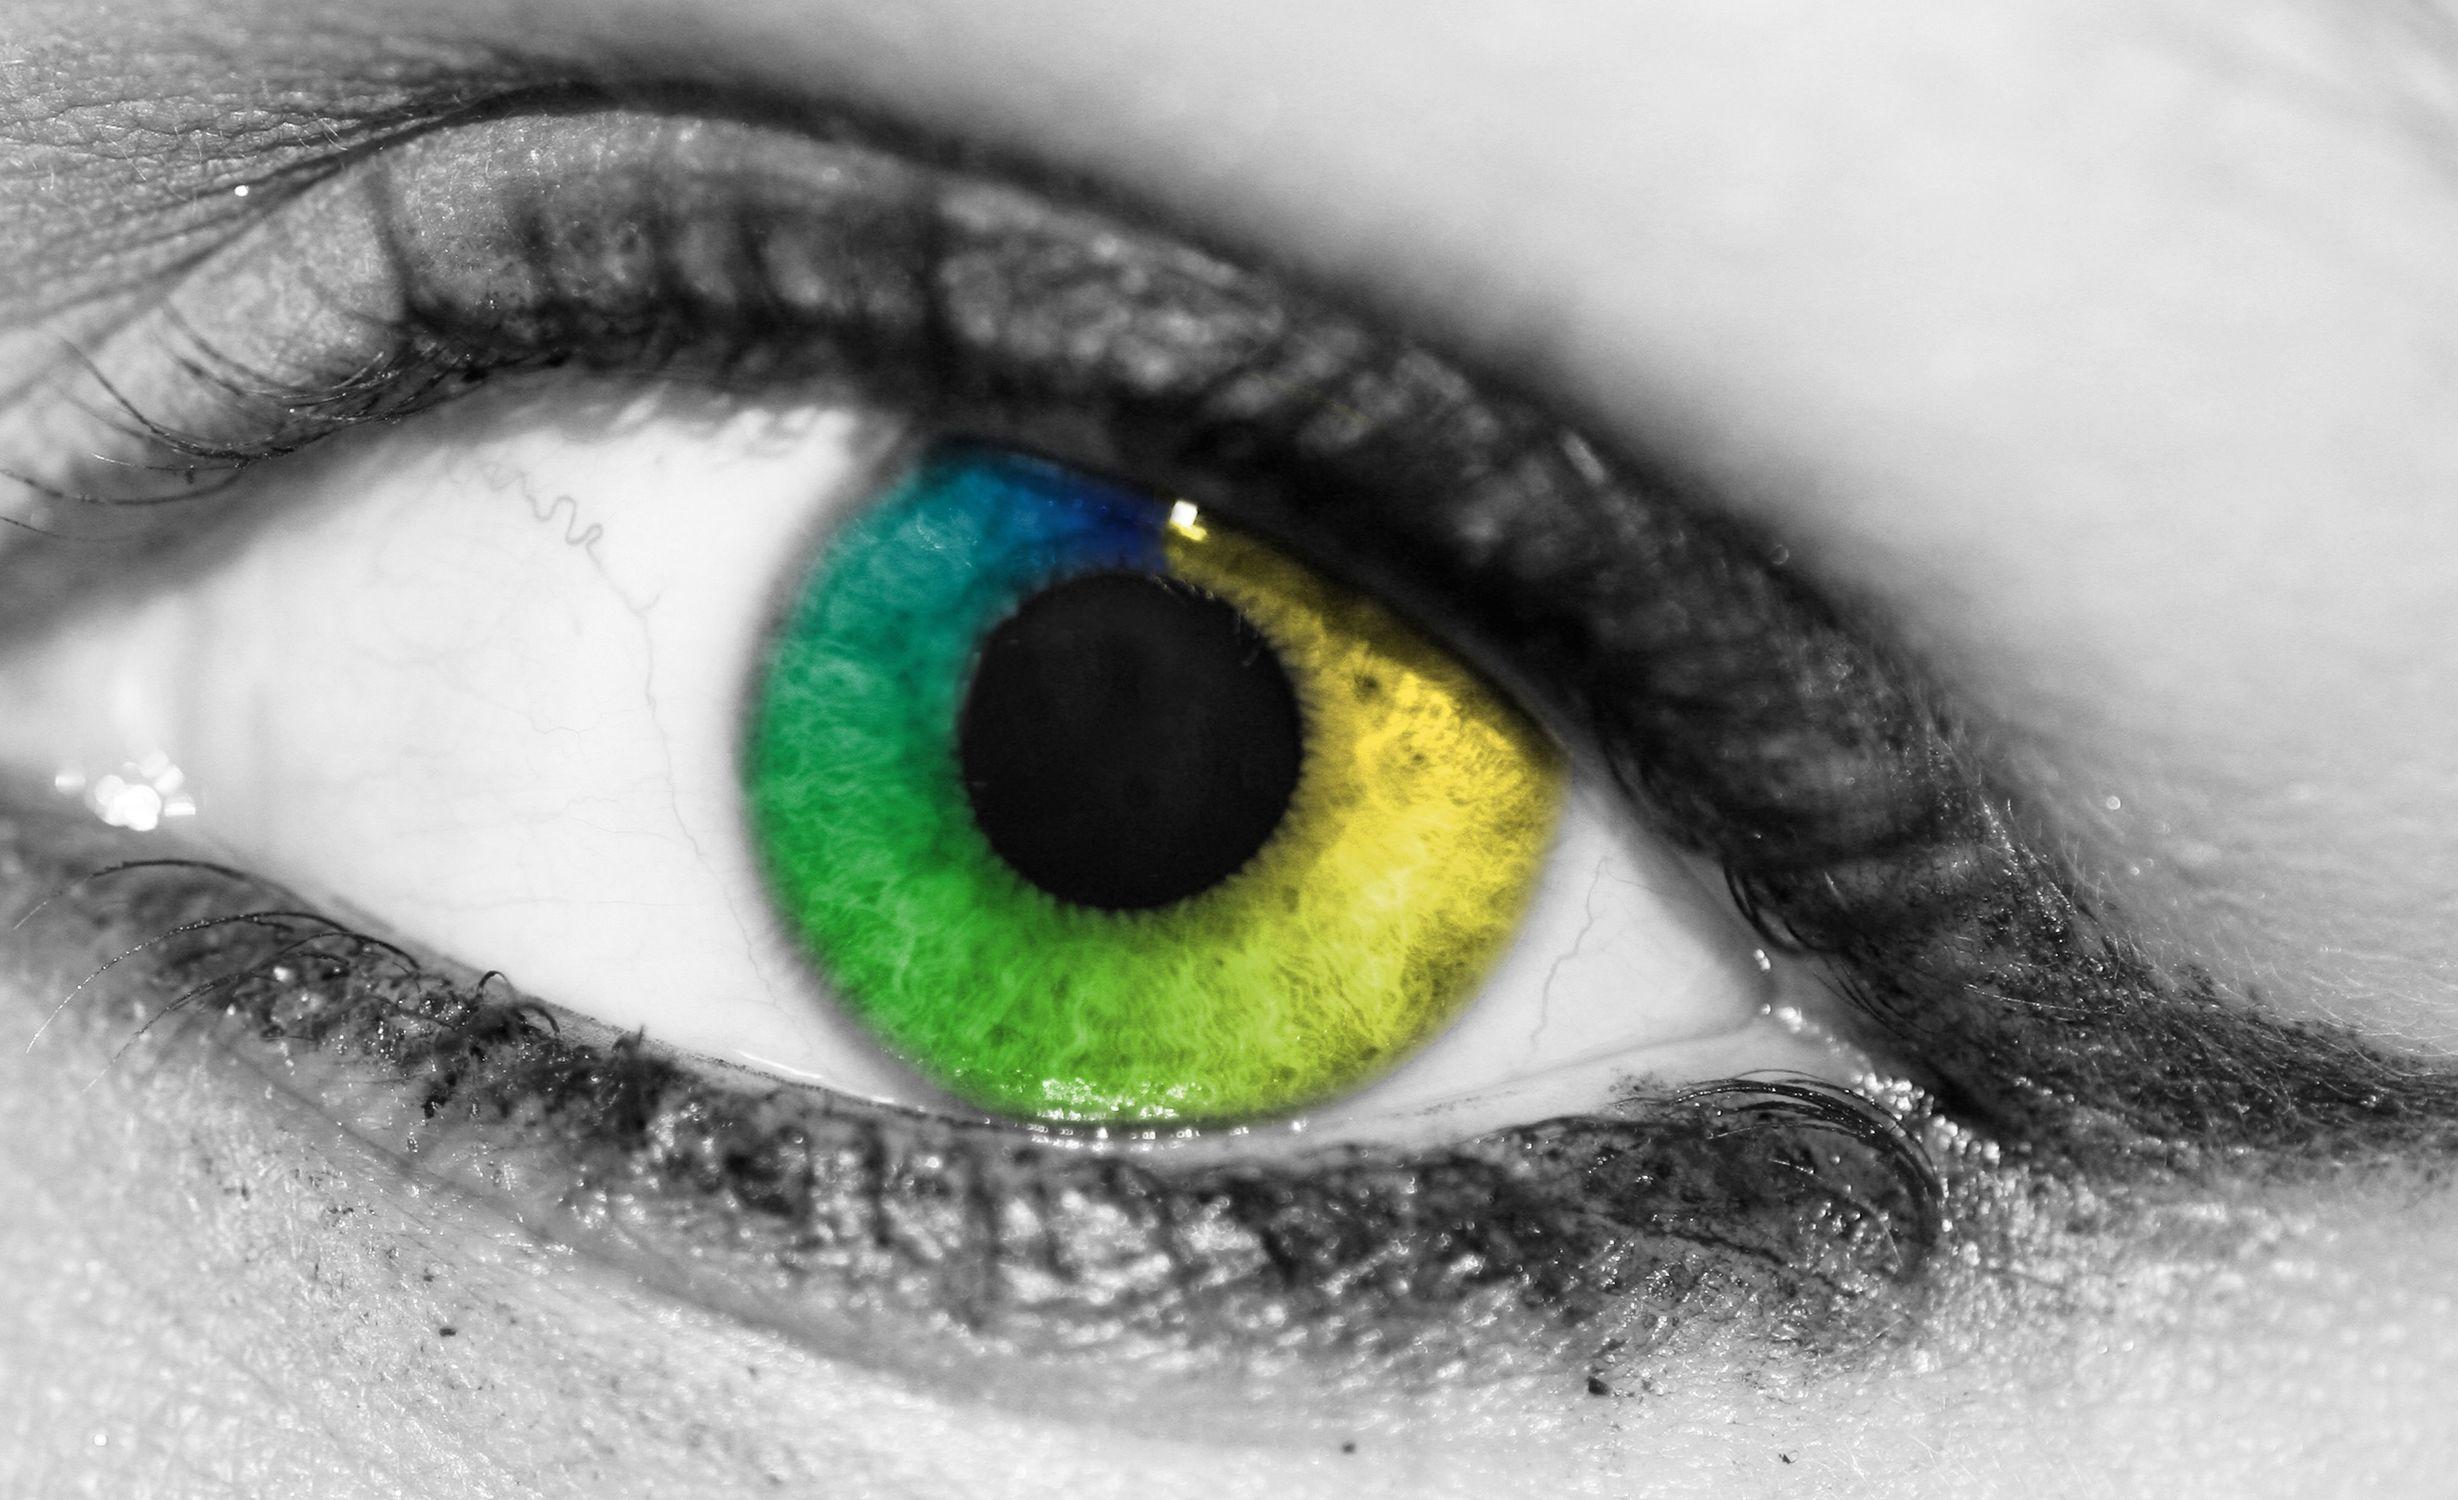 Bild mit Farben, Gegenstände, Menschen, Körperteile, Köpfe, Augen, Grün, Blau, Augenbrauen, Wimpern, Kameras und Objektive